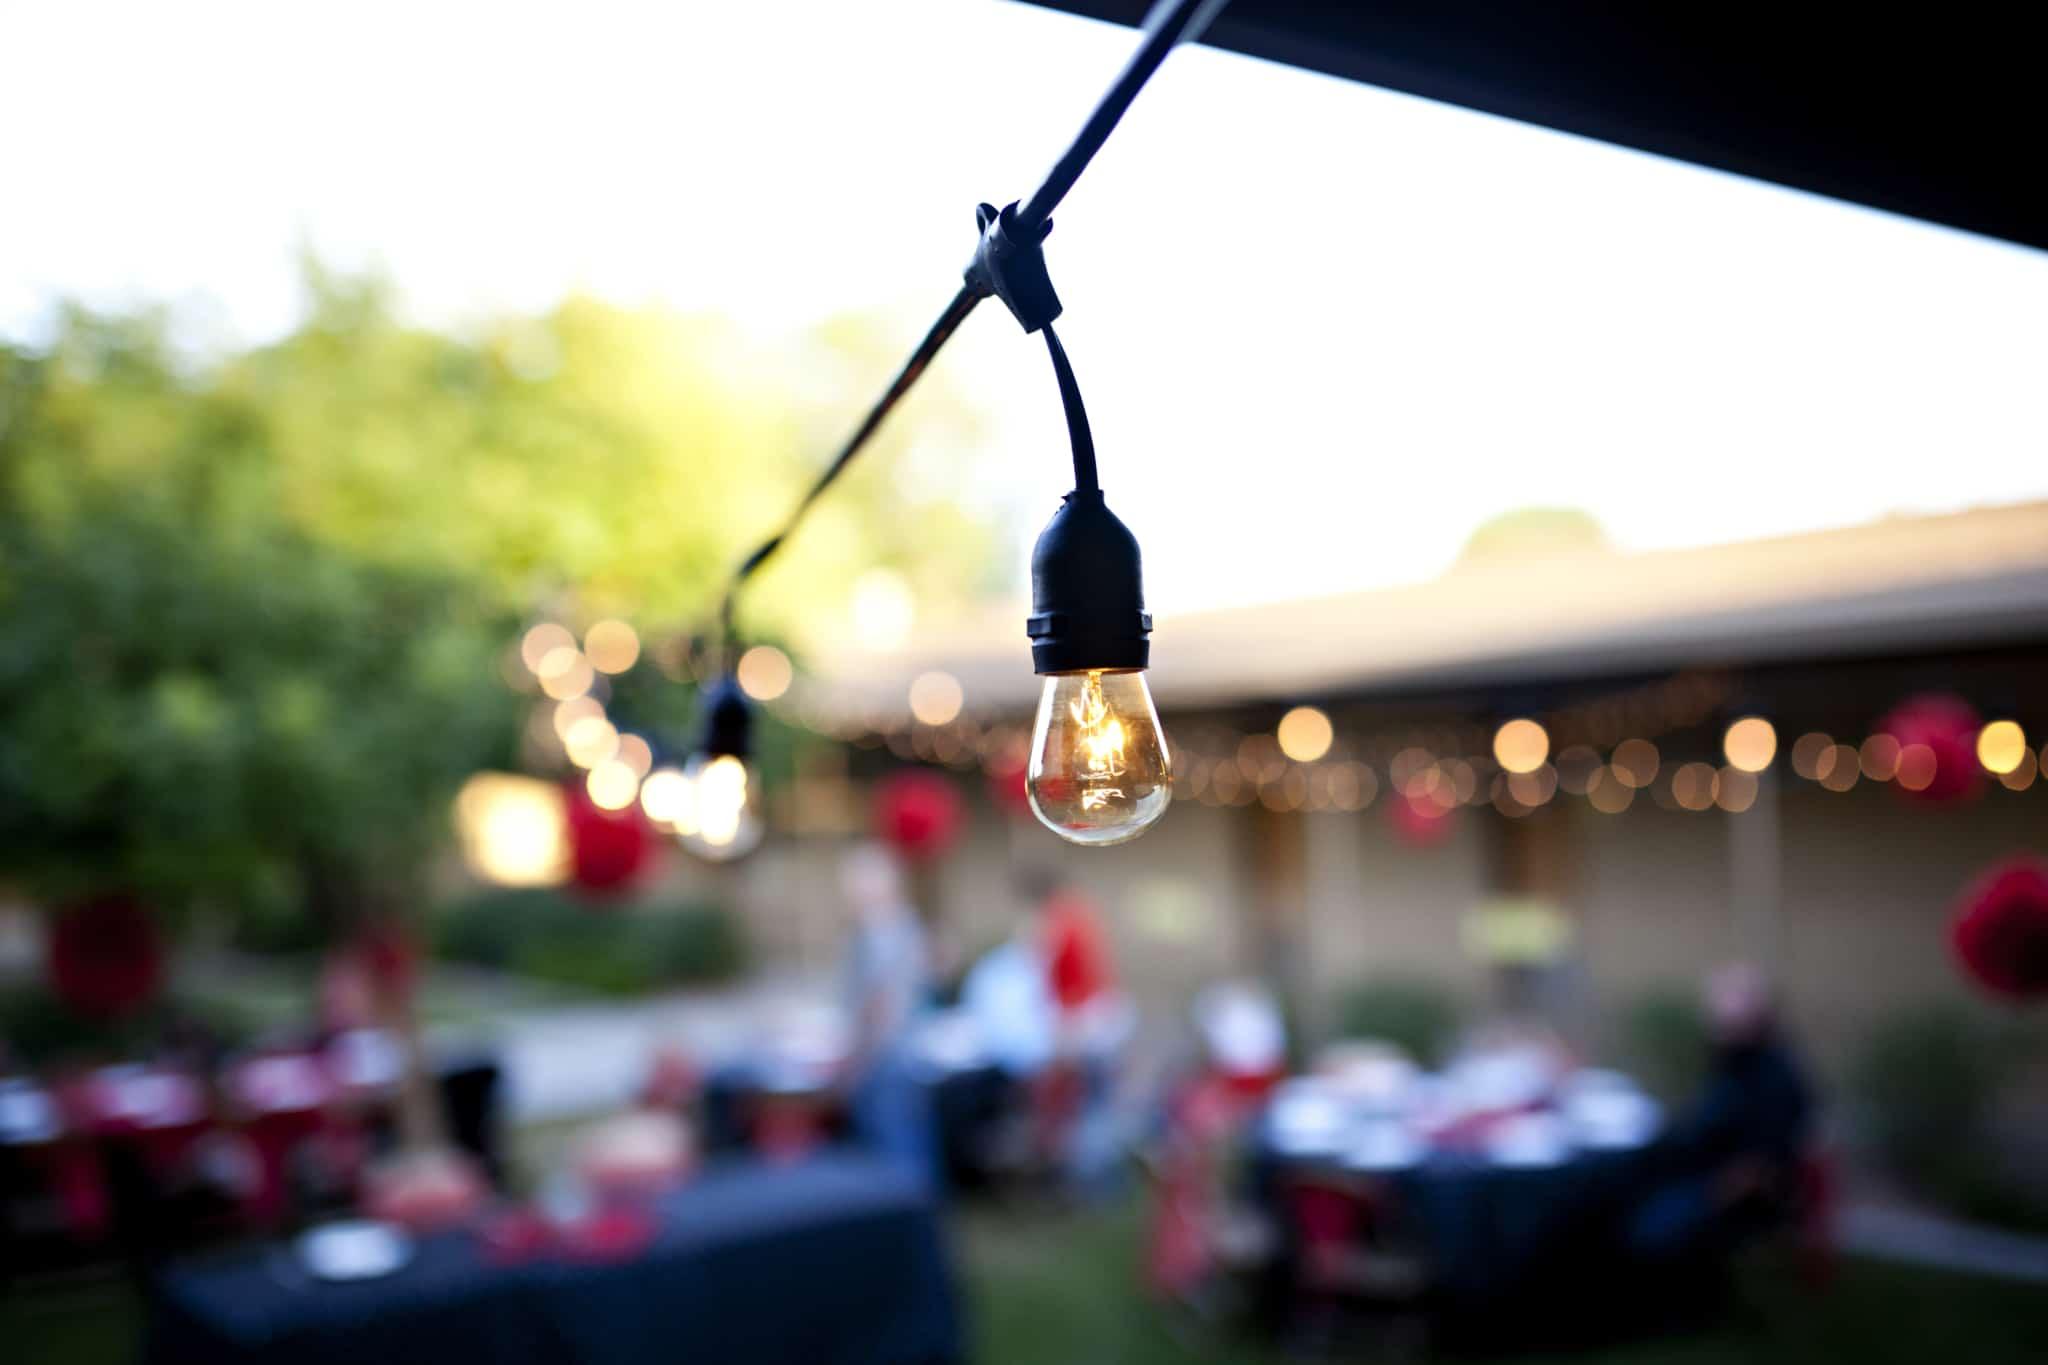 lâmpada pequena ligada no pátio